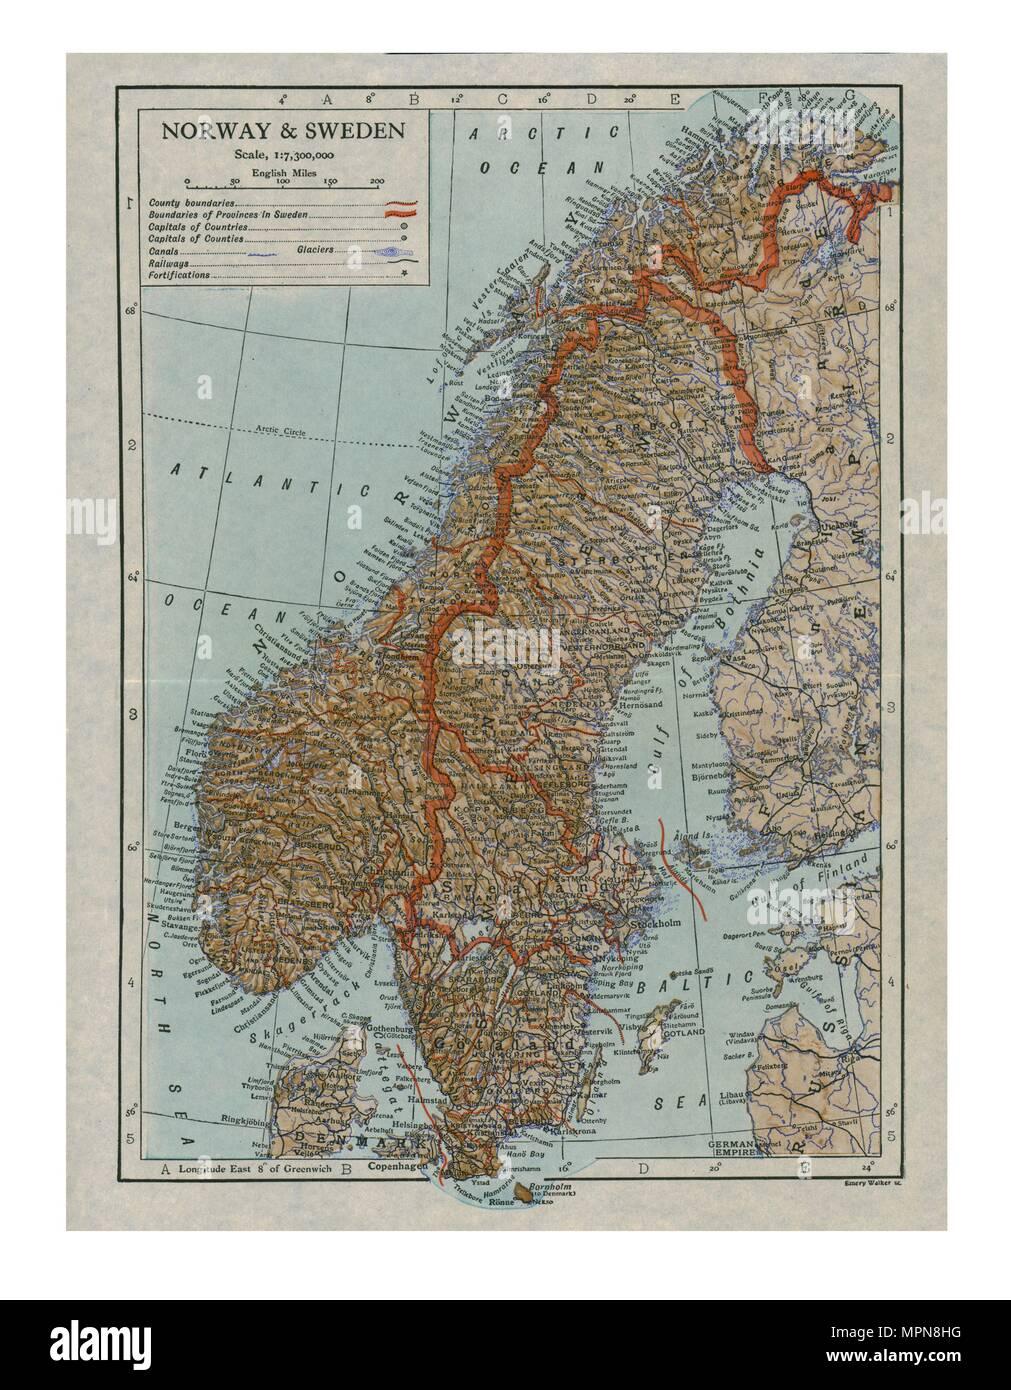 Mappa della Norvegia e della Svezia, c xix secolo secolo. Artista: sconosciuto. Immagini Stock